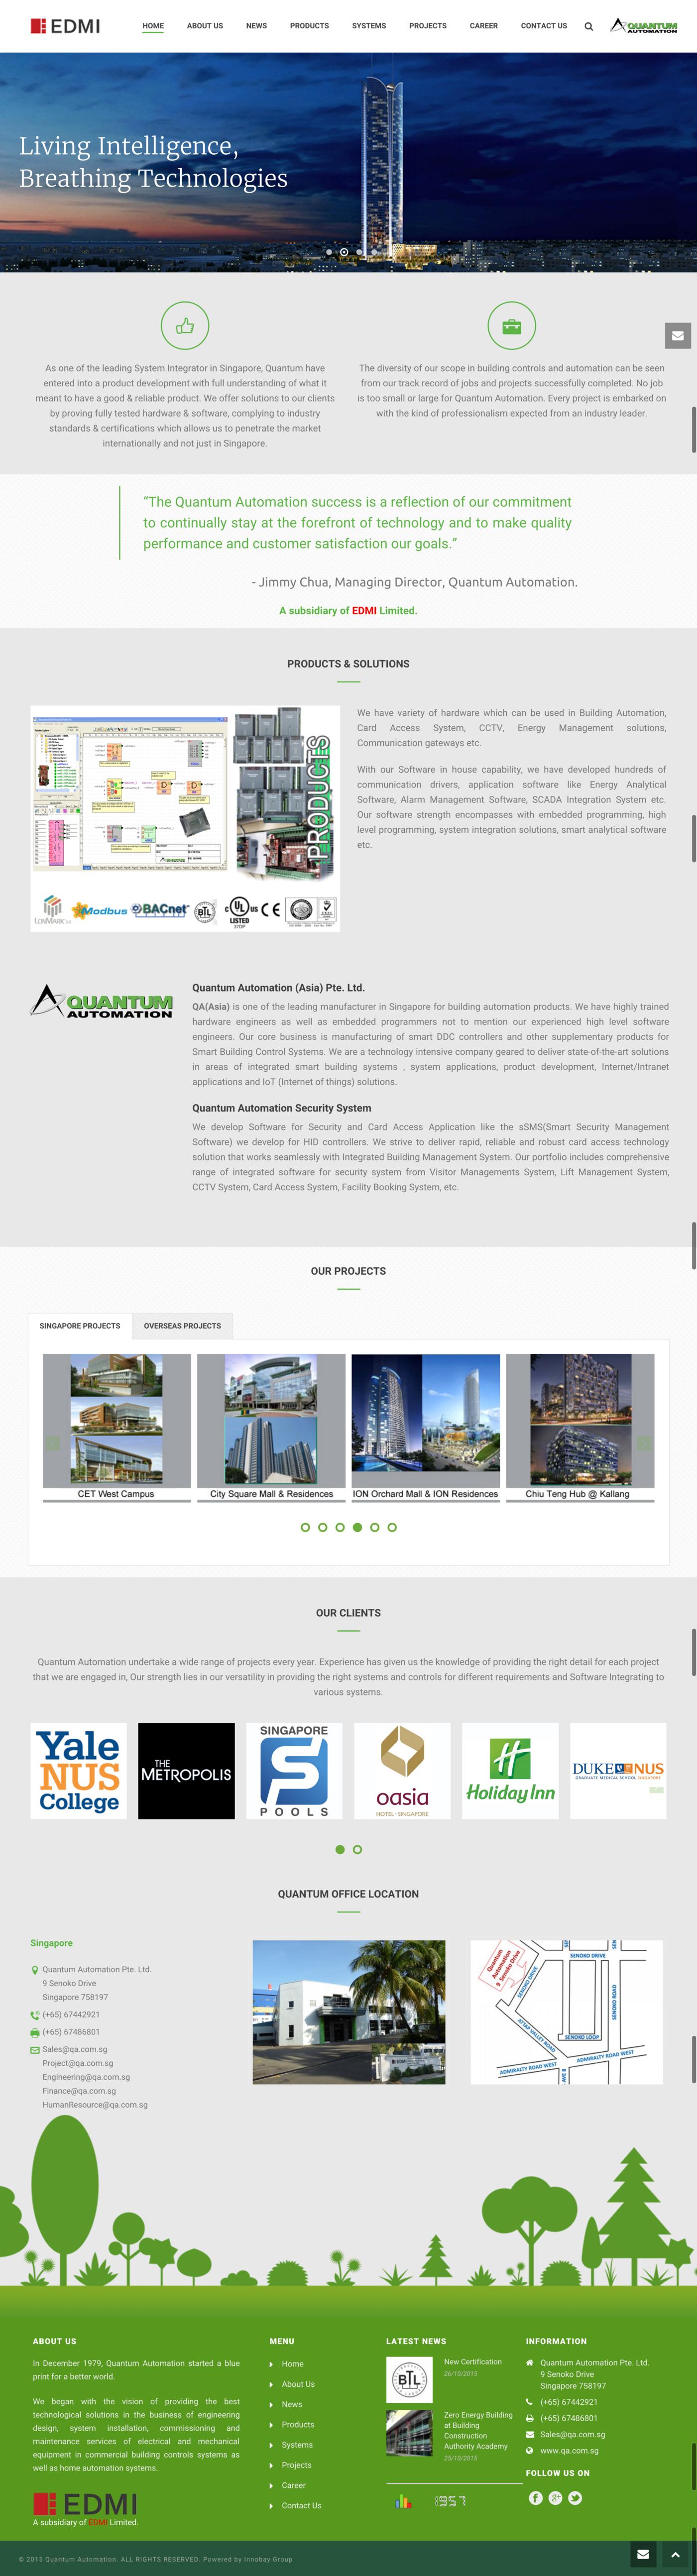 Website Design Cms By Raymond Li Dapeng At Coroflot Com